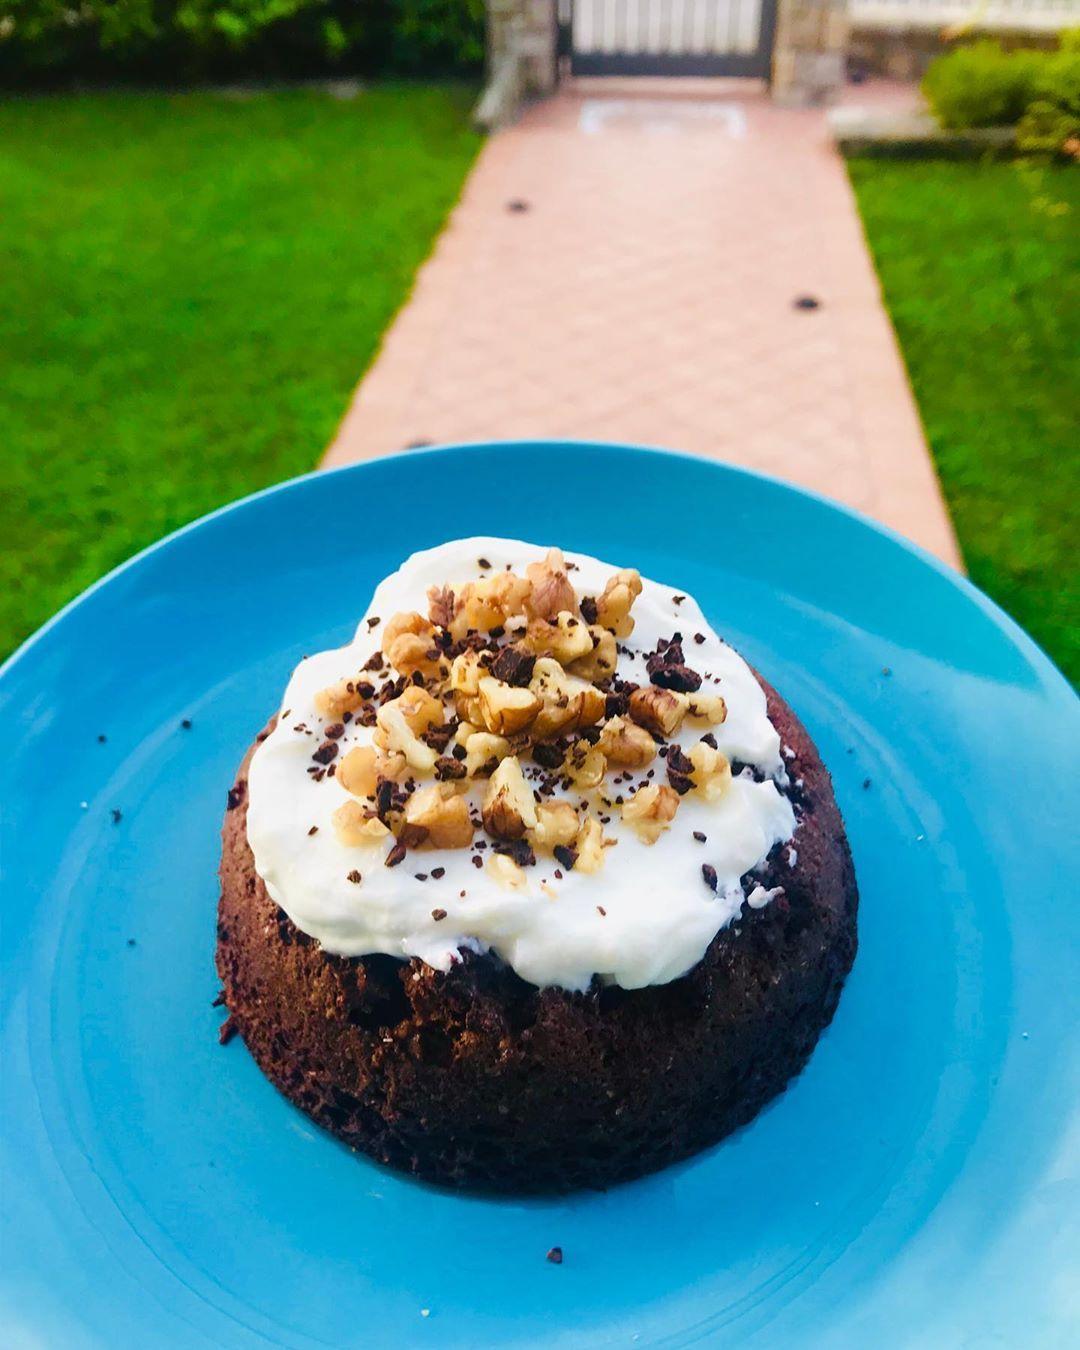 Tortino soffice al cacao con yogurt greco, noci & scaglie di cioccolato fondente 🖤🍫🤩 #tortinofit #he...